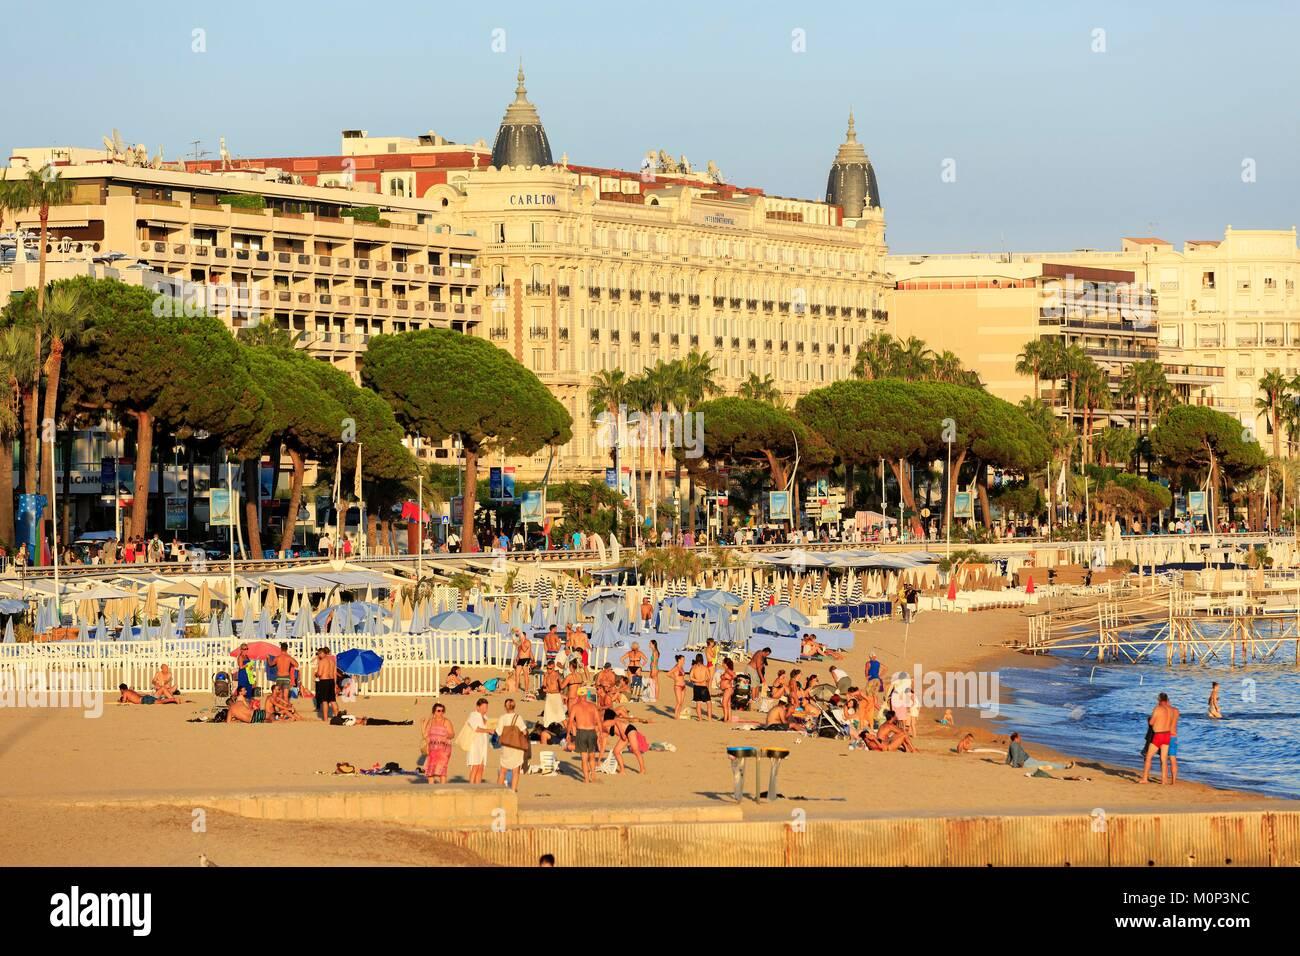 France,Alpes Maritimes,Cannes,beach of La Croisette - Stock Image